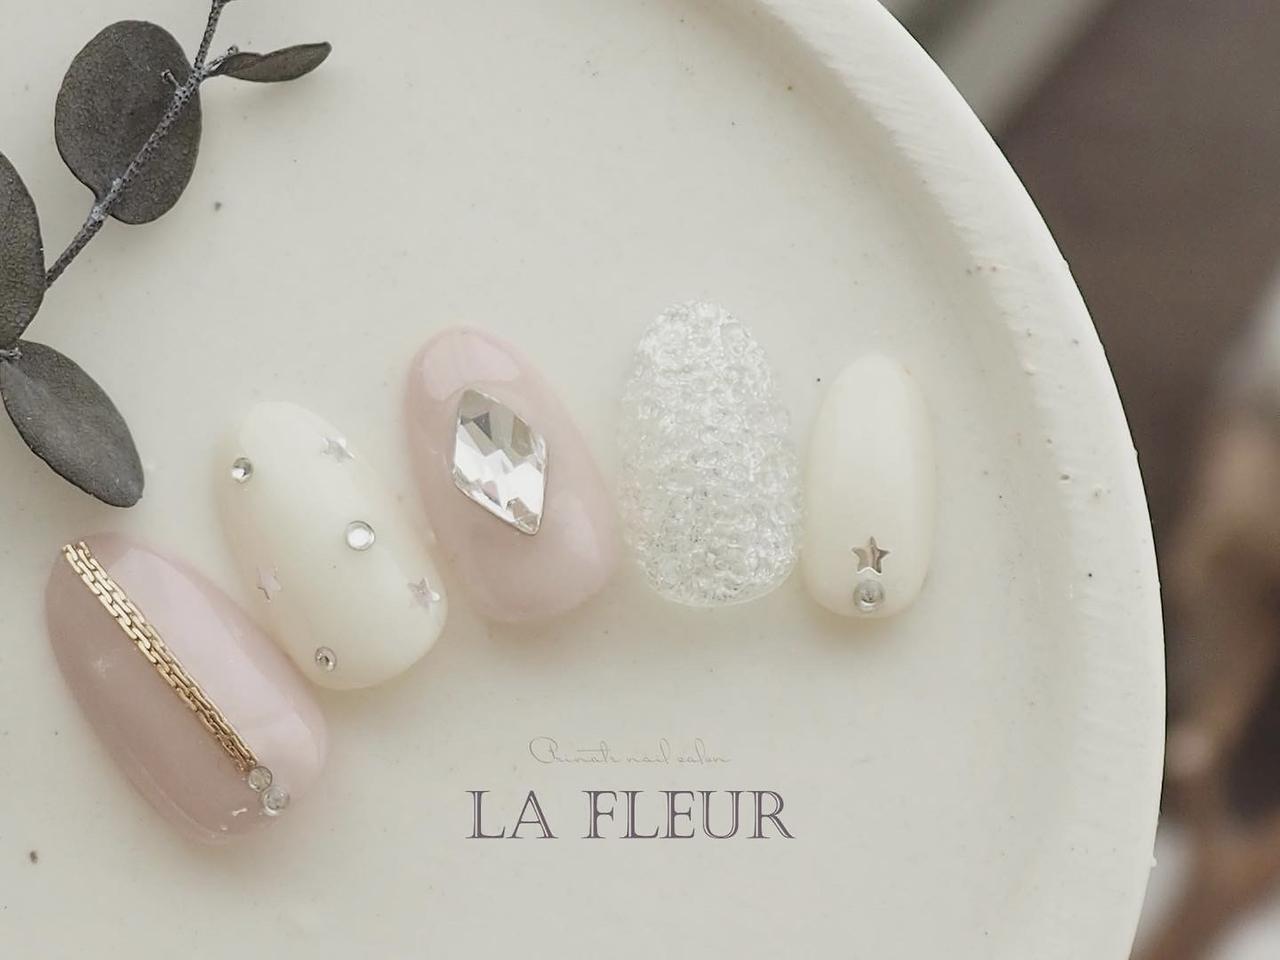 定額advancenuance ◆LaFleur